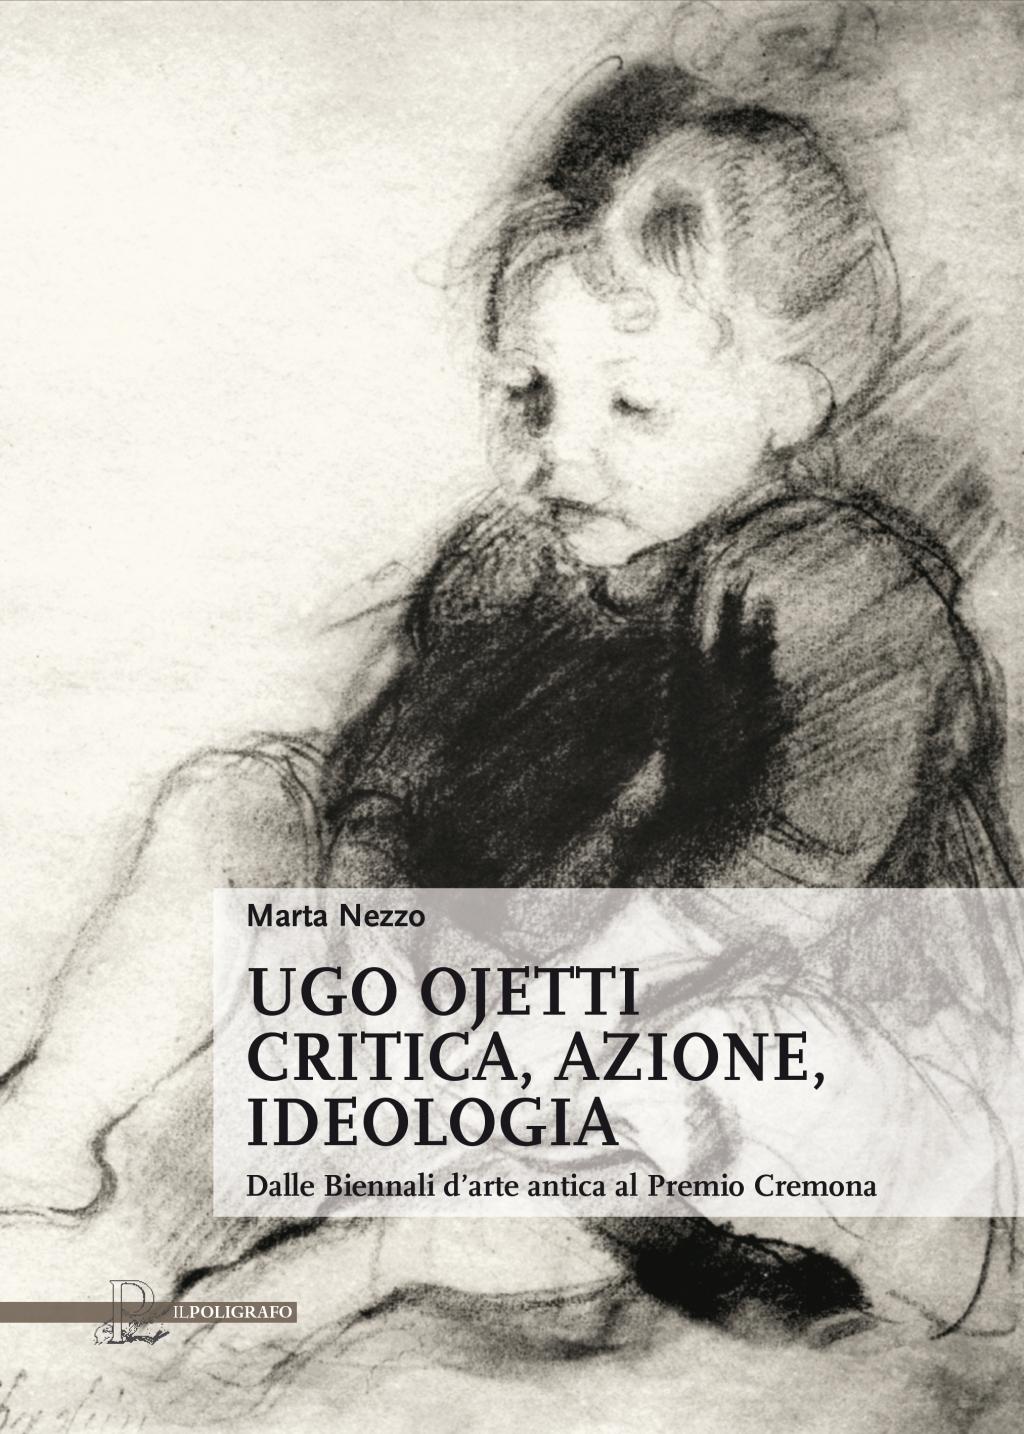 Il Poligrafo Casa Editrice Ugo Ojetti Critica Azione Ideologia